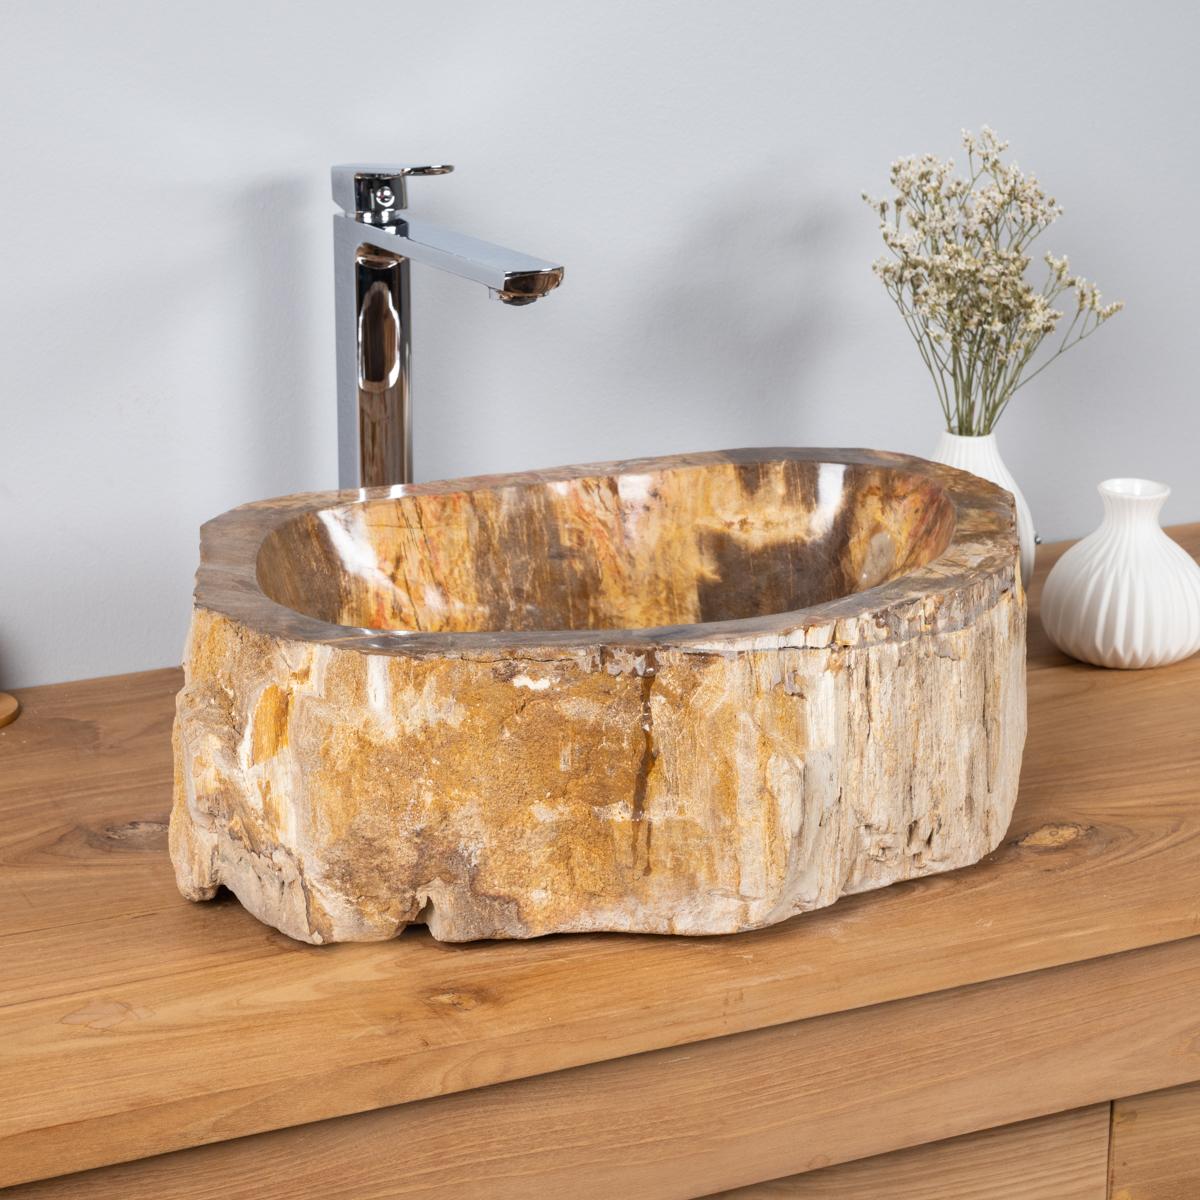 Vasque vasque poser bois p trifi fossilis l 47 cm x p 35 cm x h 16 cm - Vasque salle de bain bois ...